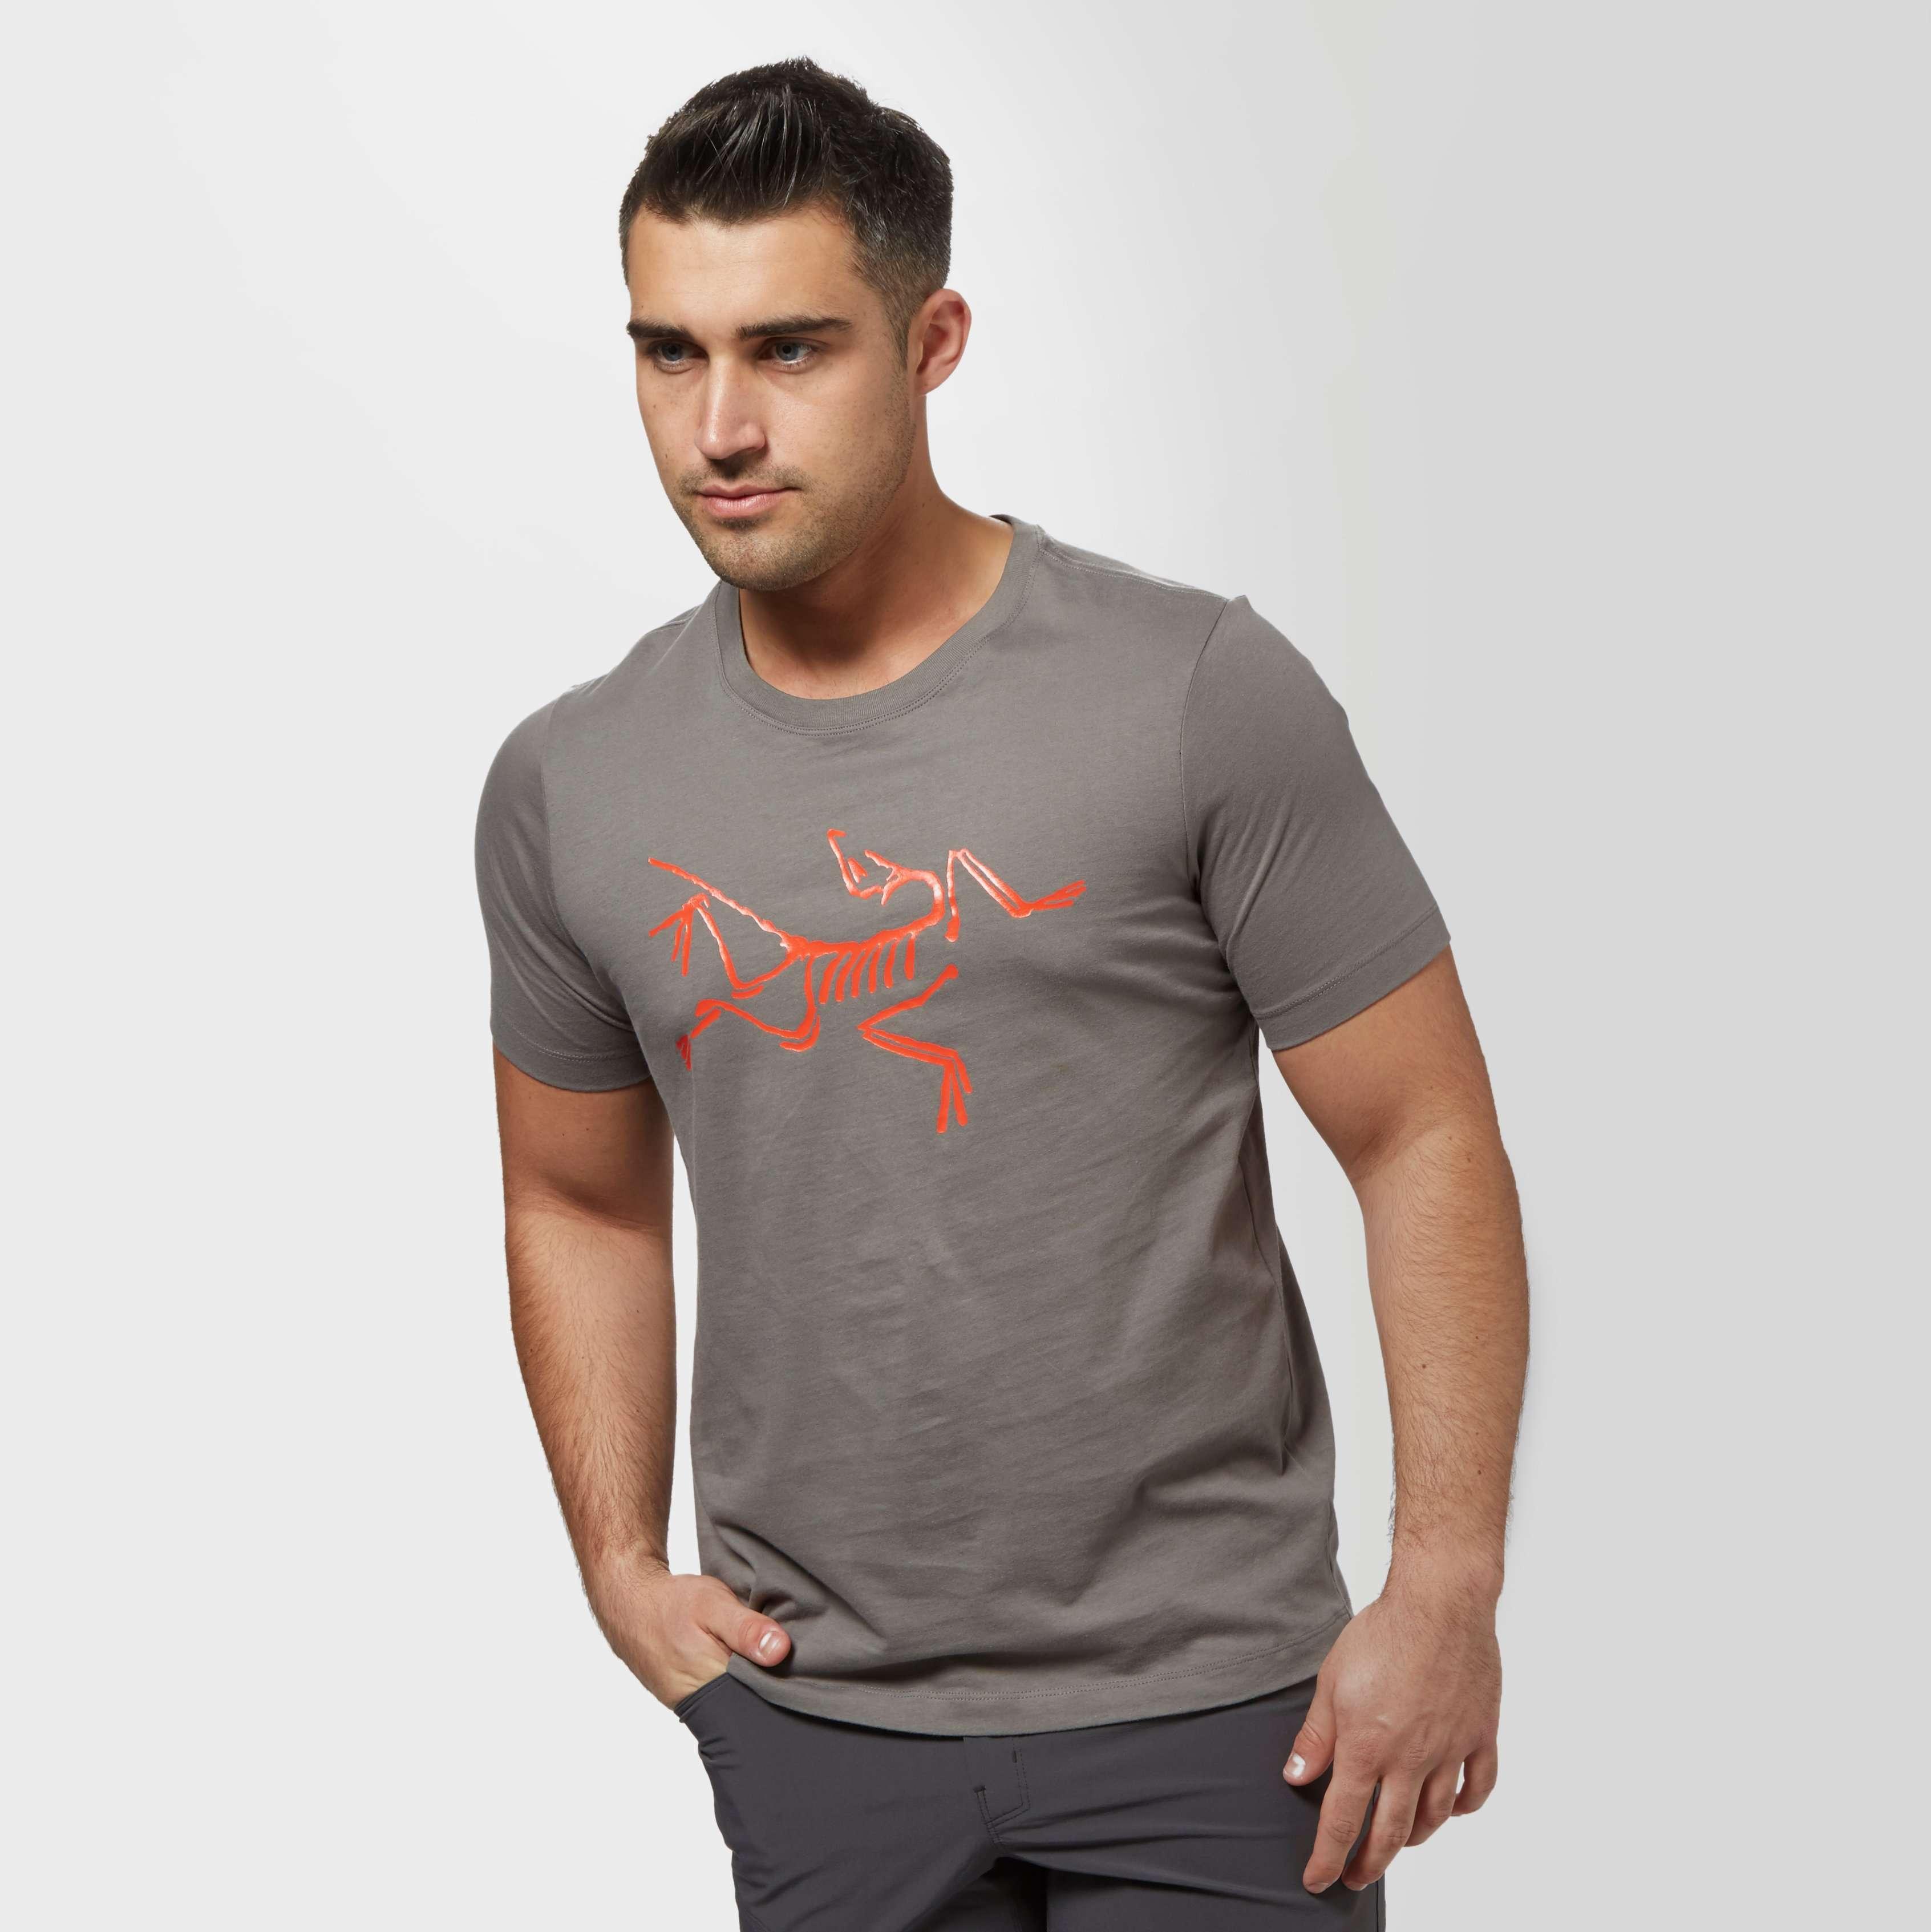 ARC'TERYX Men's Teryx Short Sleeve T-Shirt